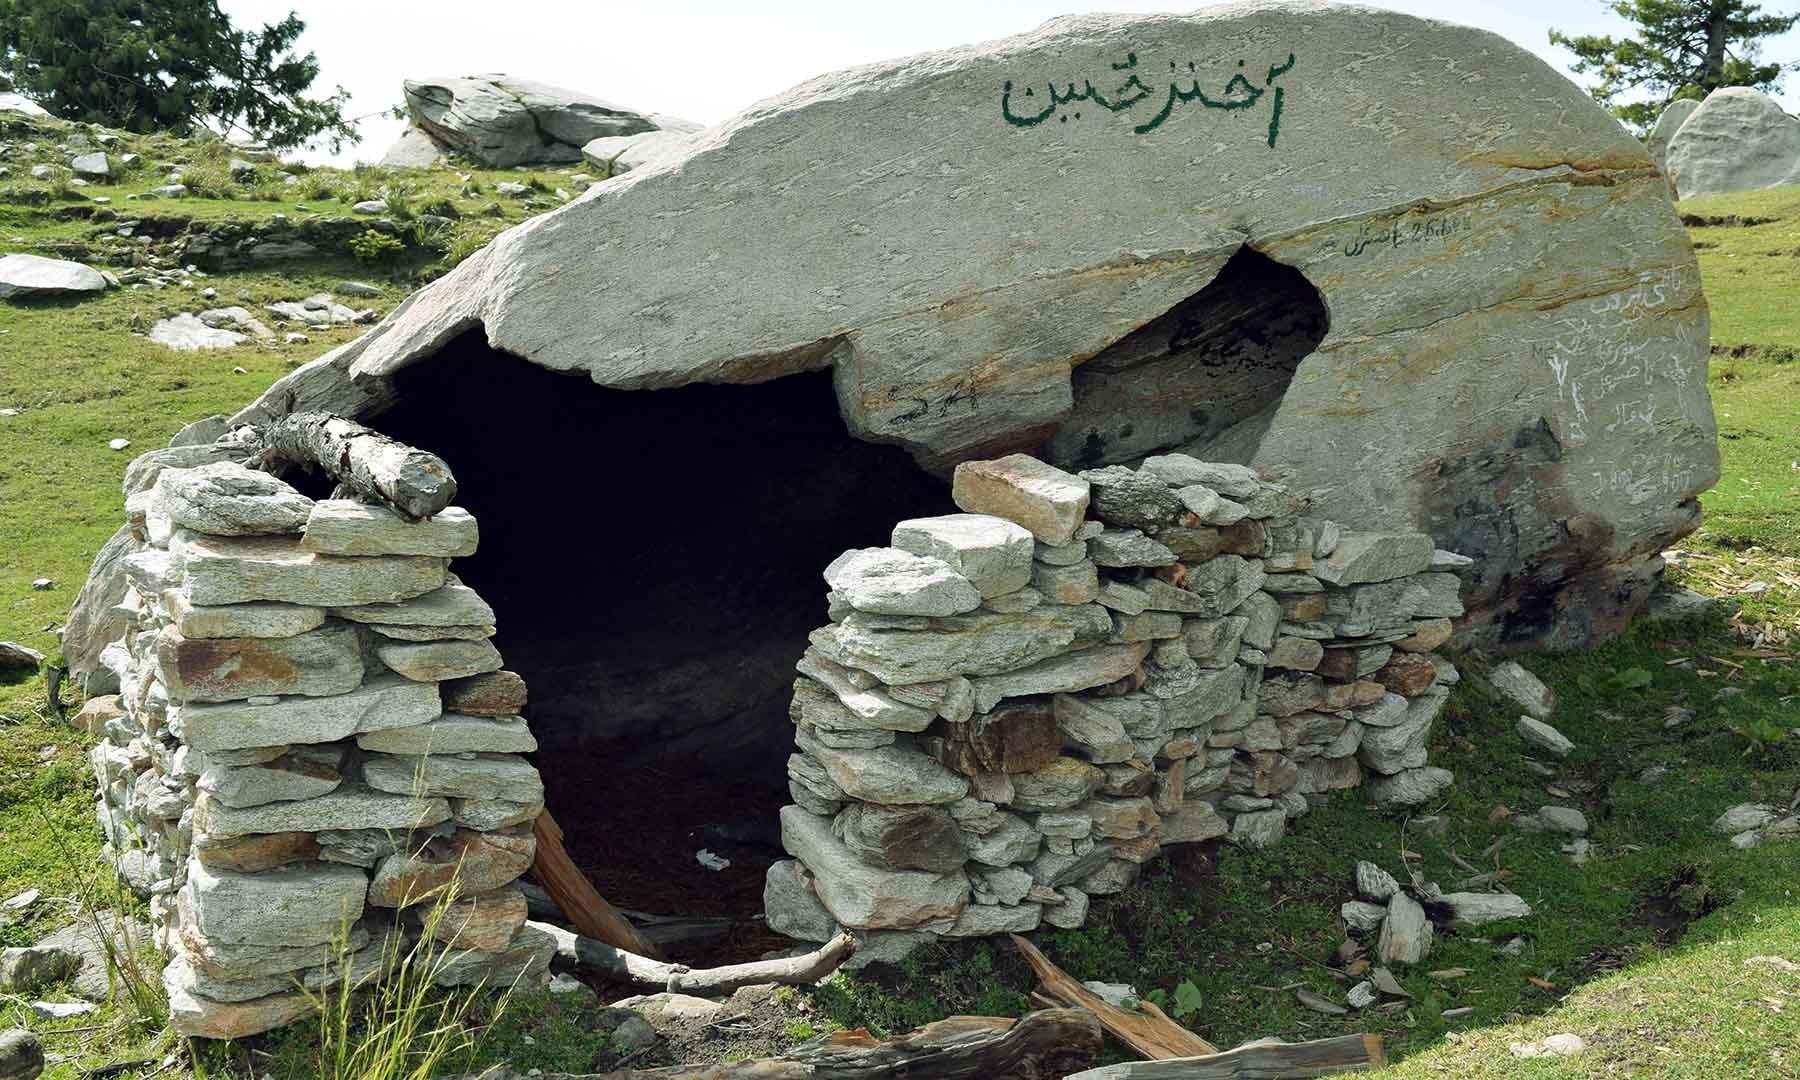 کمرہ نما پتھر جس میں مقامی لوگوں کے کہنے کے مطابق رام چندر جی قیام پذیر رہے ہیں۔